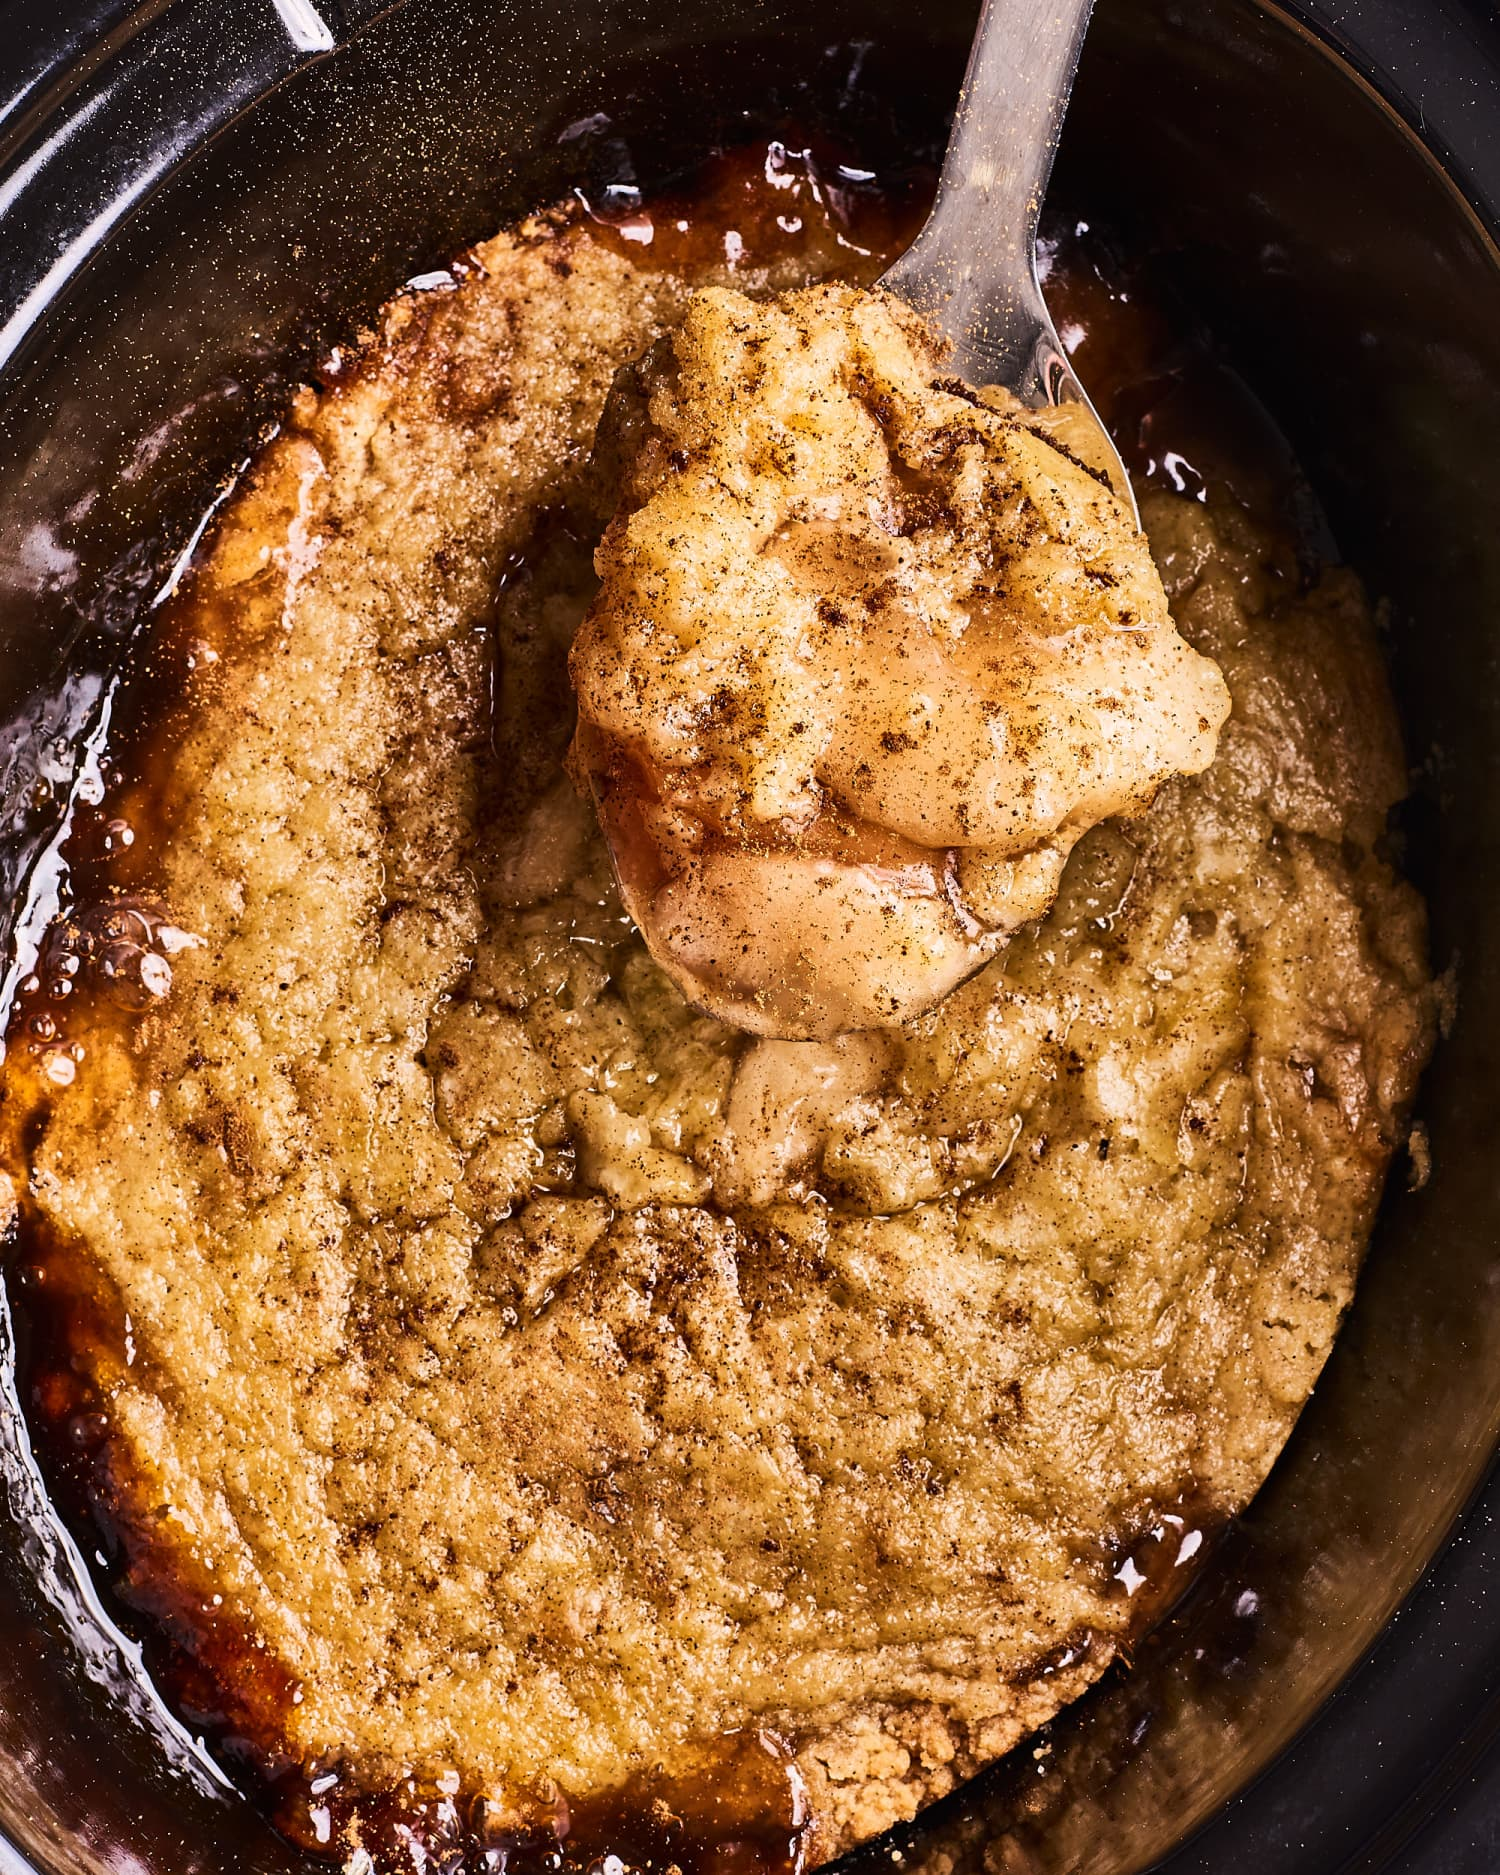 Recipe: 3-Ingredient Slow Cooker Apple Pie